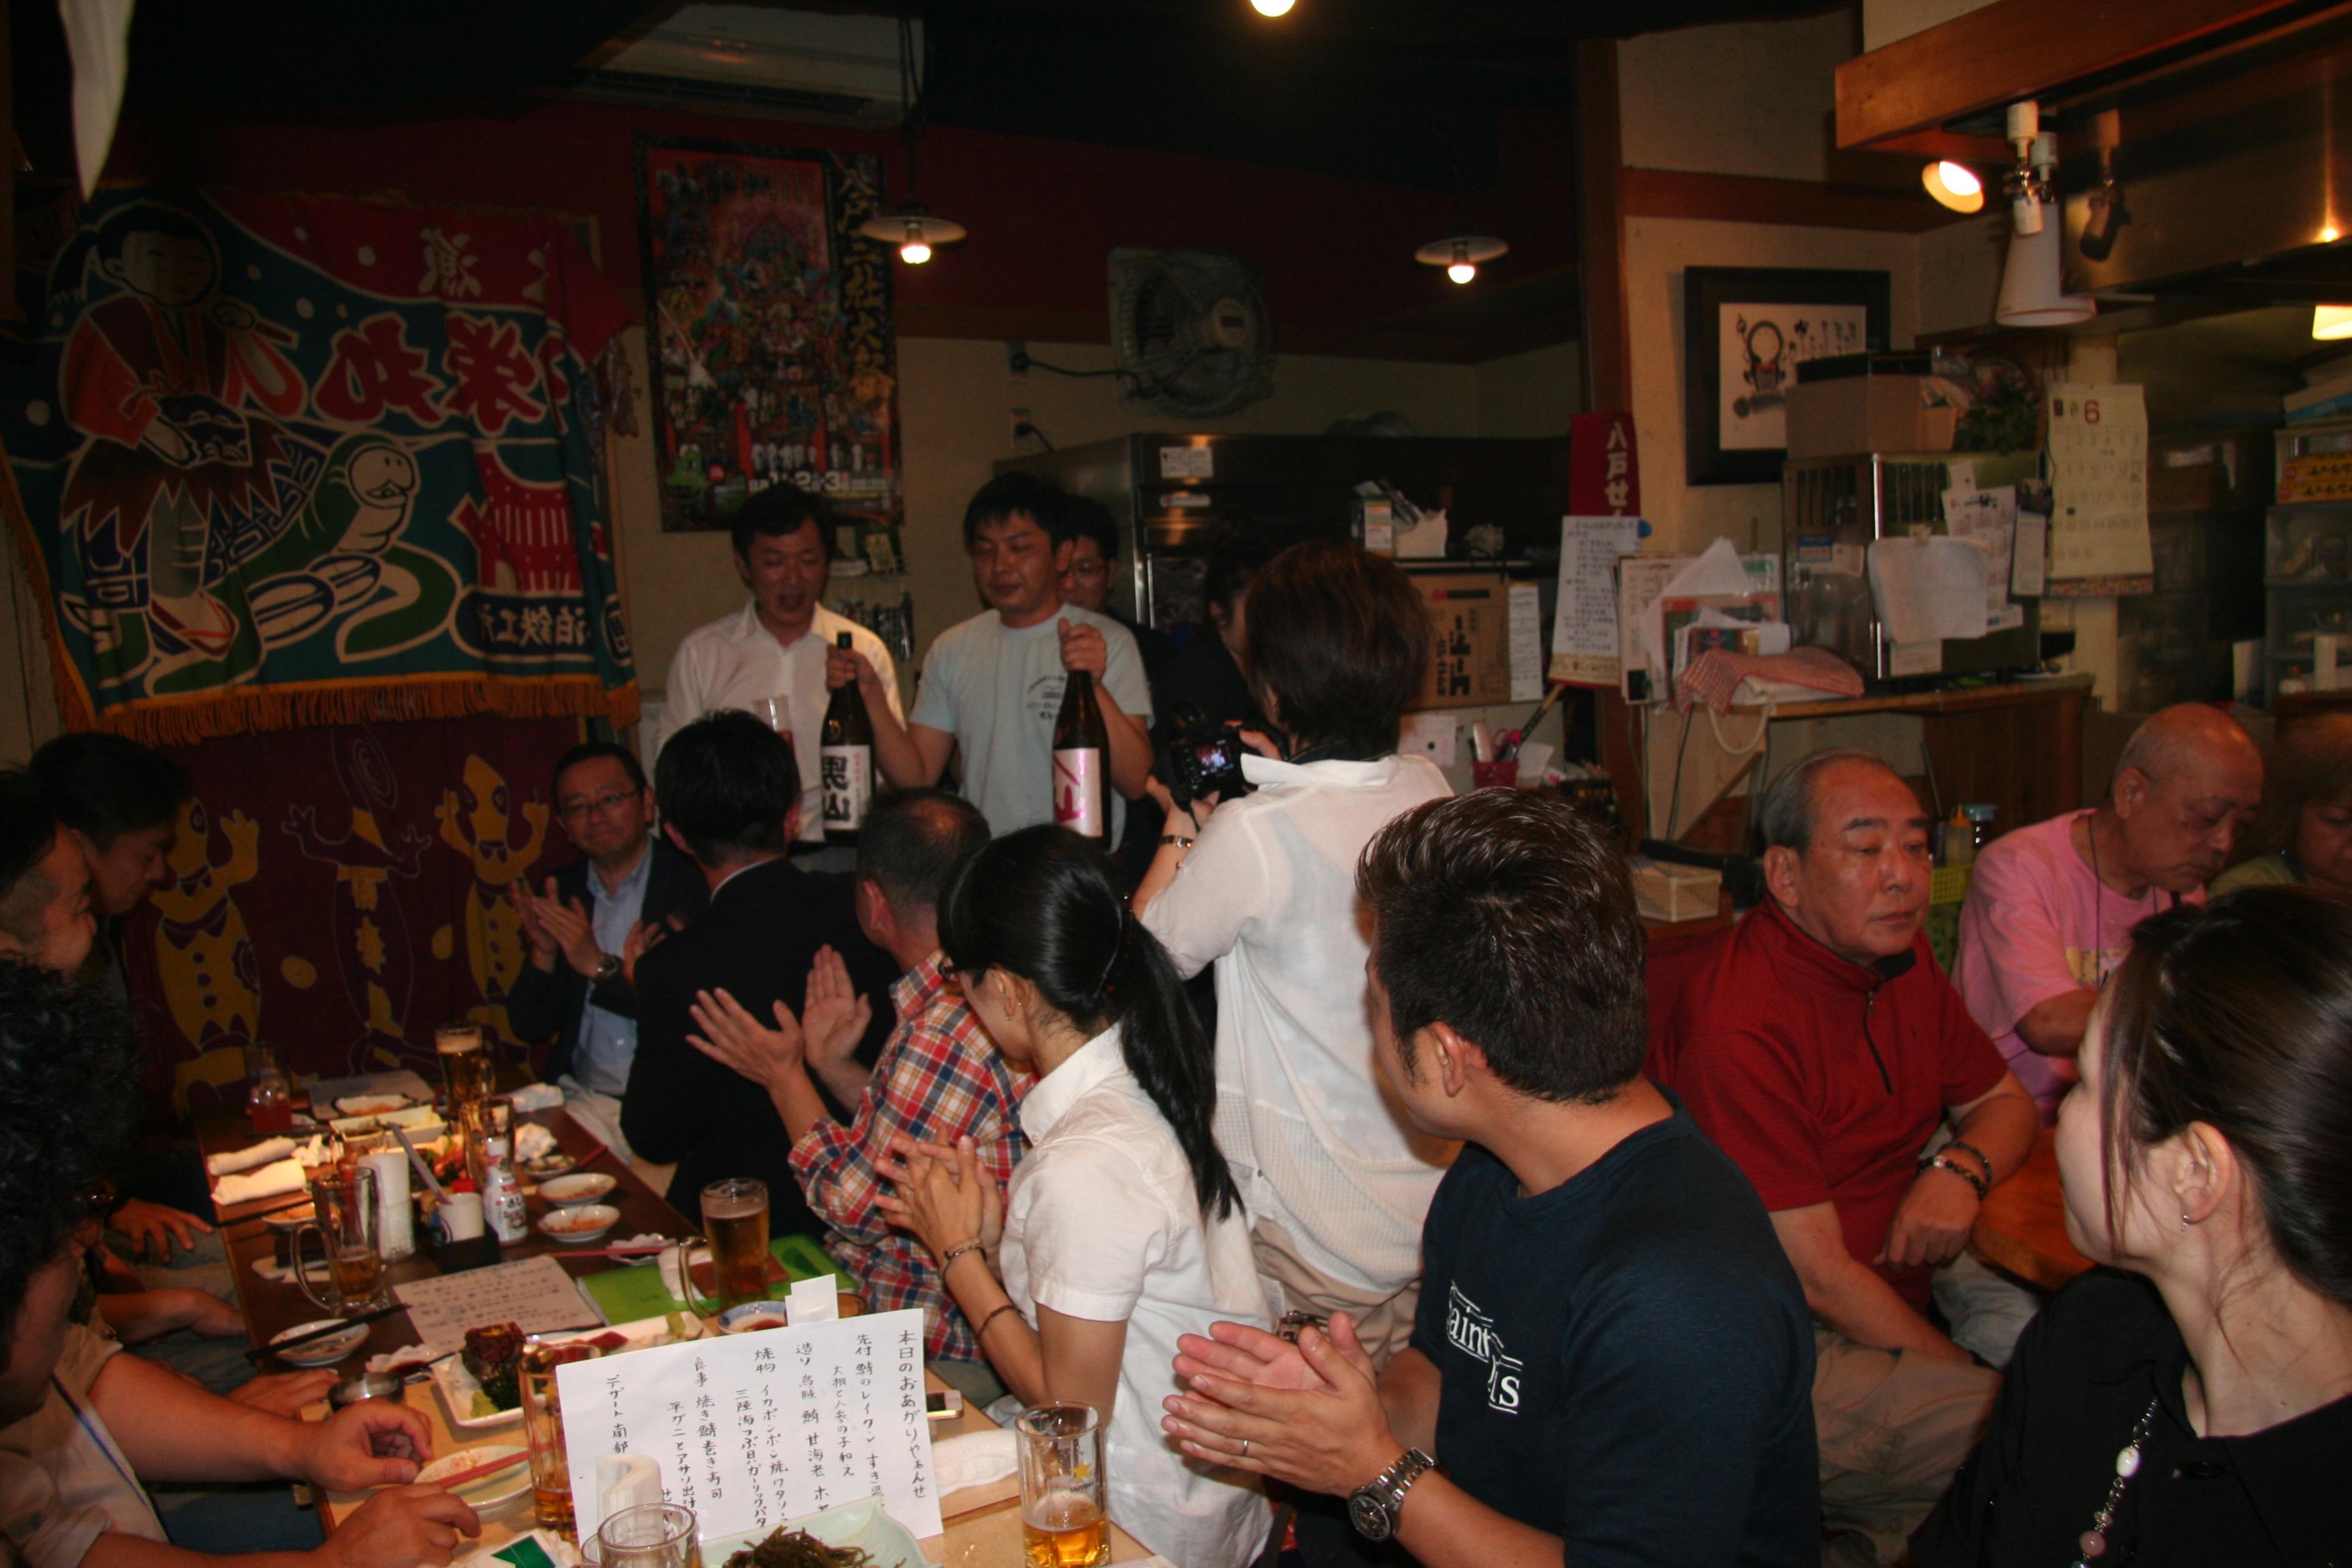 2015年6月15日 AOsuki定例飲み会開催しました。